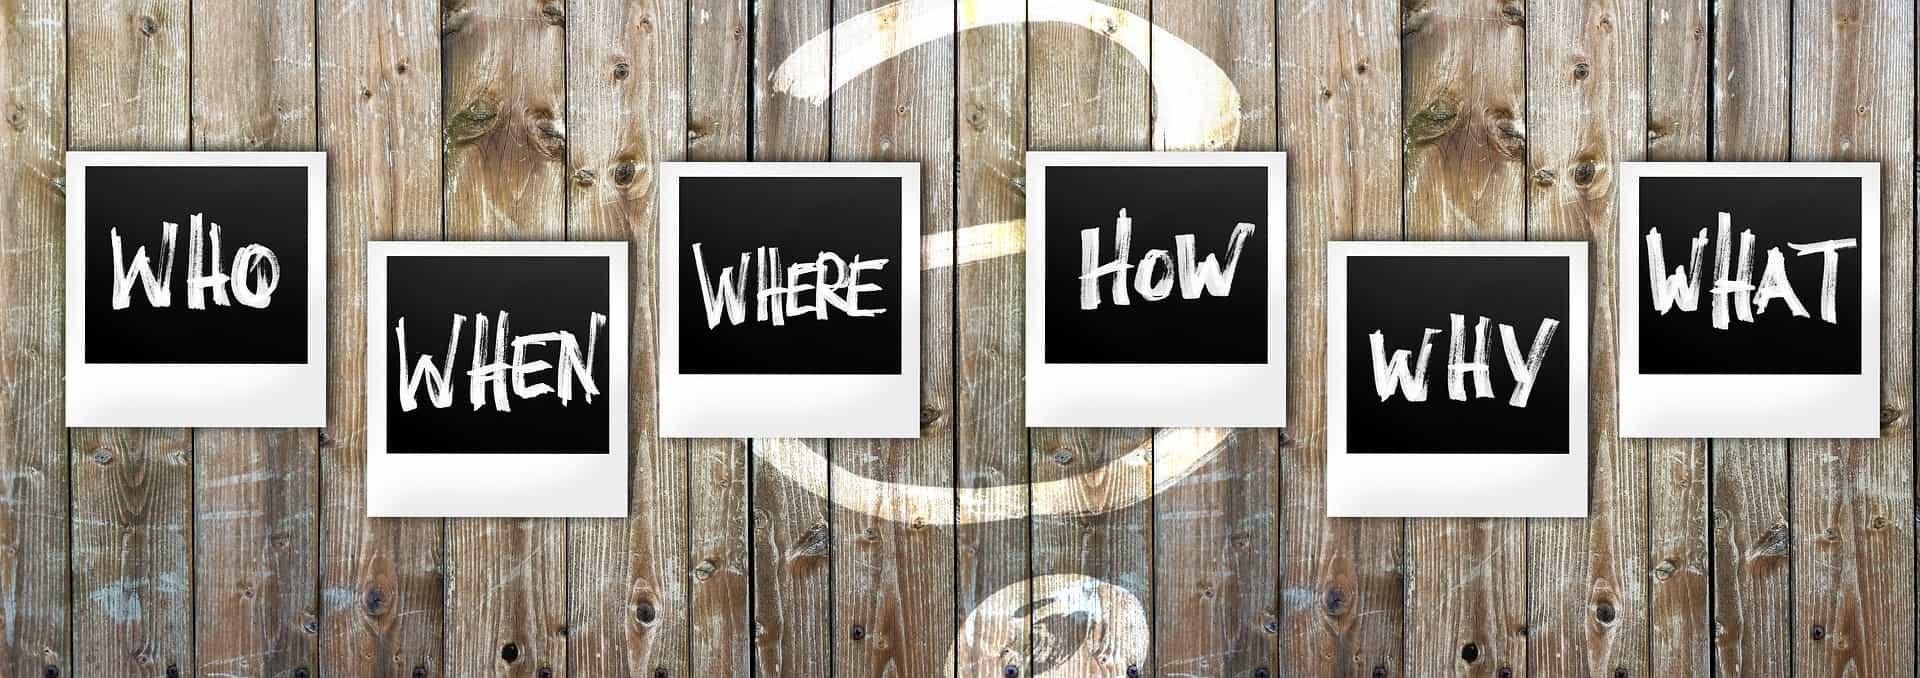 Wszystko ozdjęciach wWordPress - pytania